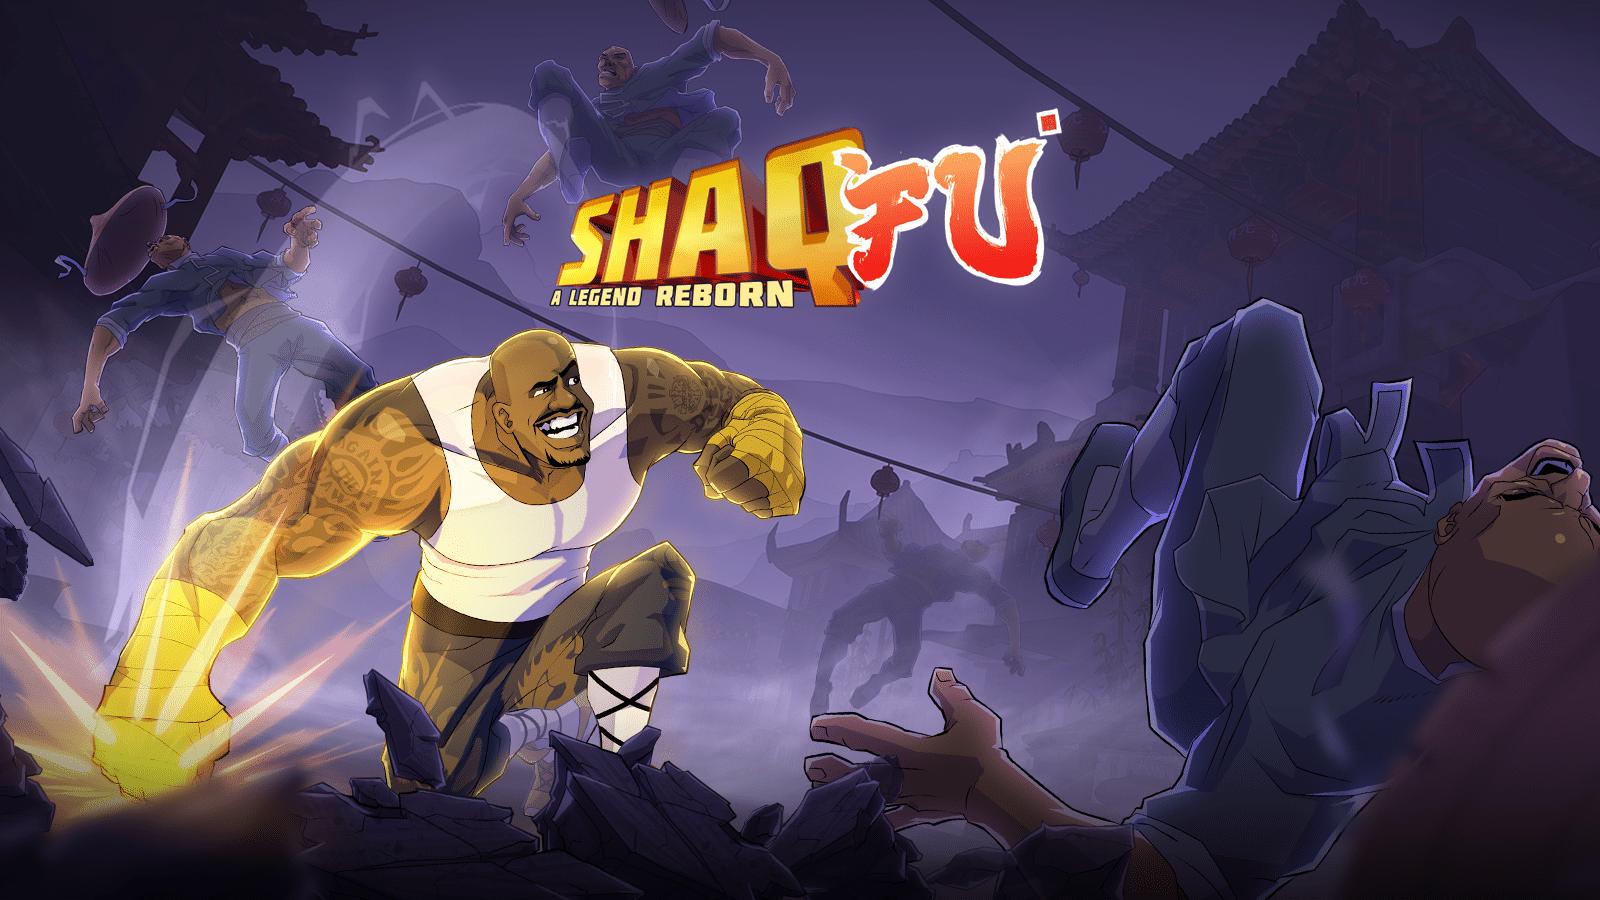 Shaq Fu: A Legend Reborn llega a la consola y PC este martes, reveló el DLC BarackFu